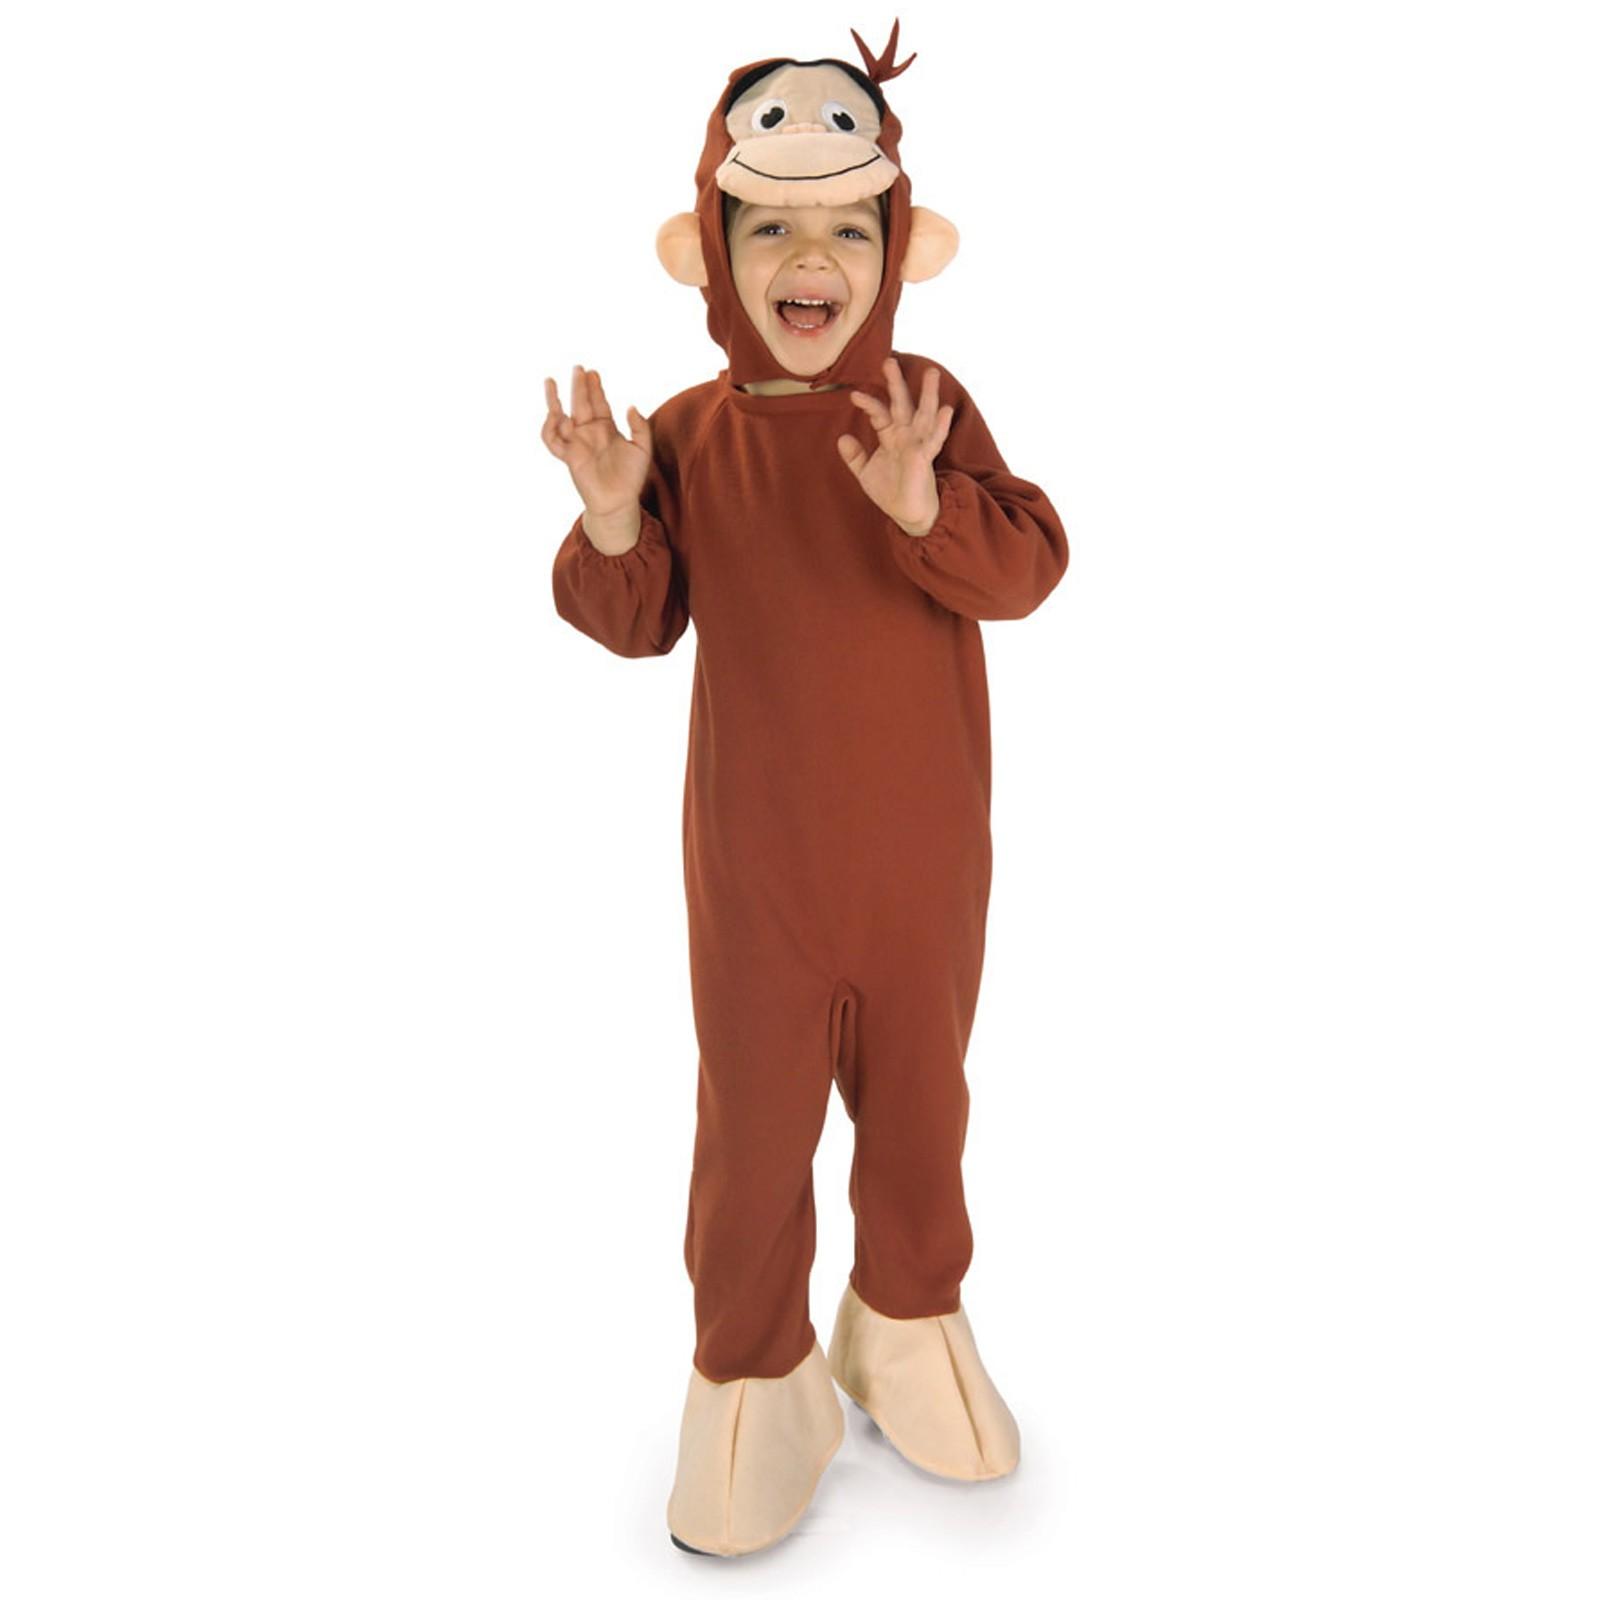 おさるのジョージ コスプレ コスチューム 子供 幼児 男の子 猿 サル きぐるみ 動物 ハロウィン 仮装 アニメキャラクター 申年 あす楽